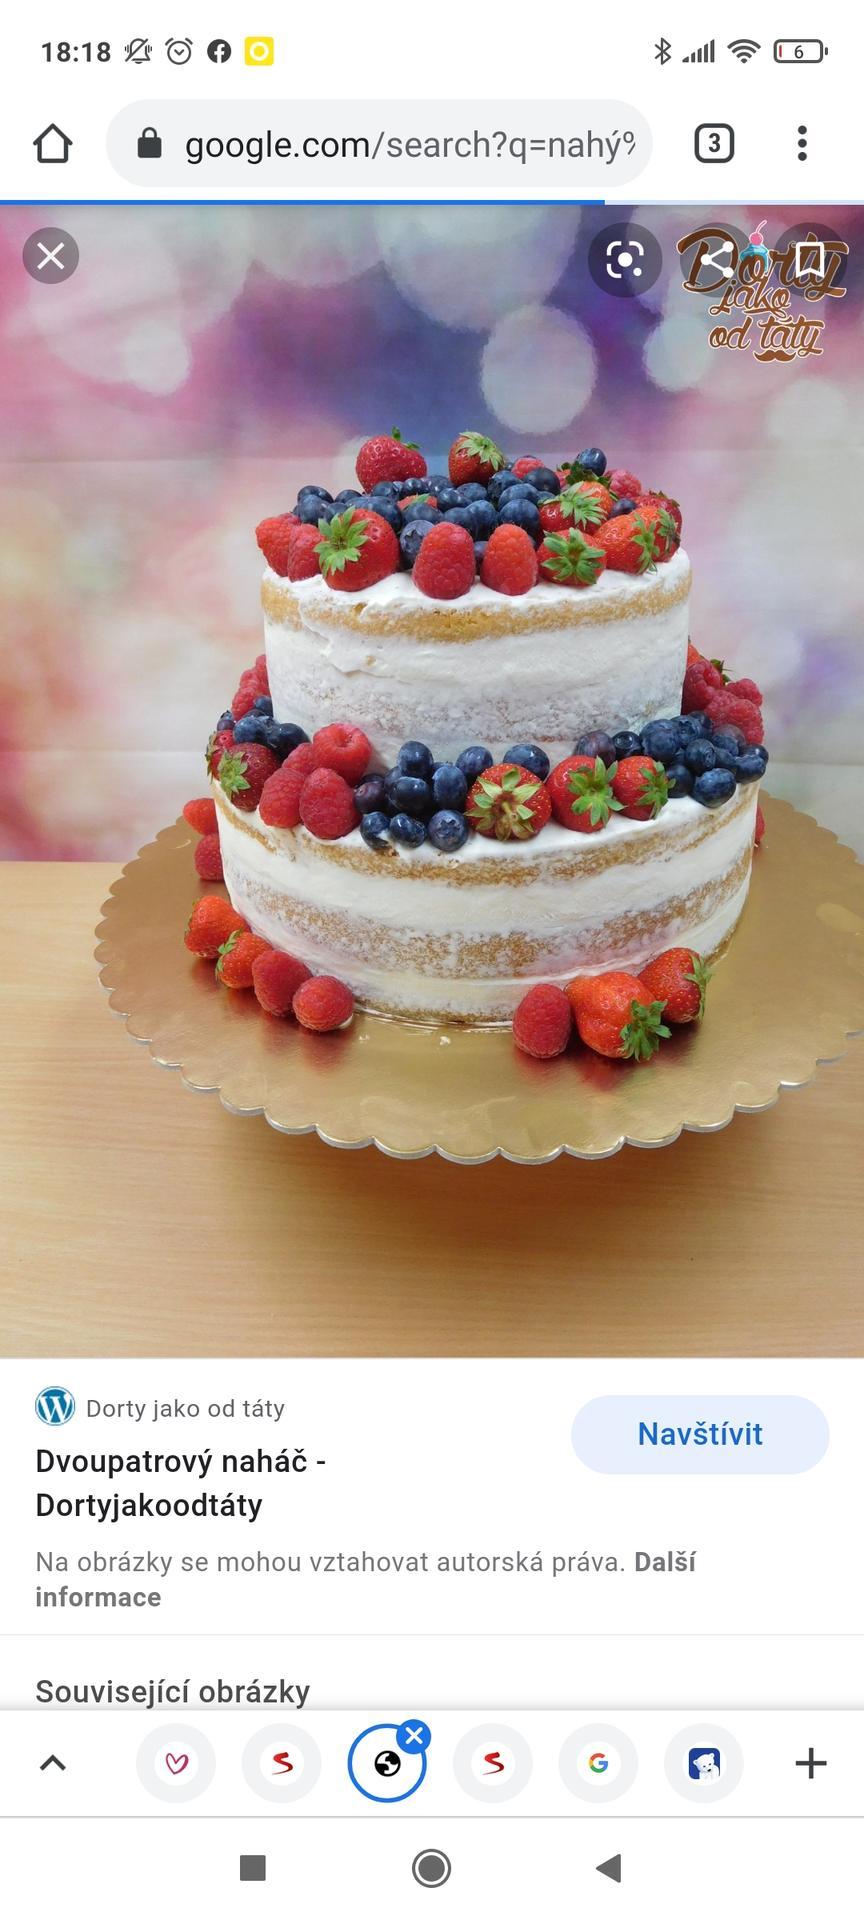 Svatební přípravy - 2-patrový naháč s ovocem